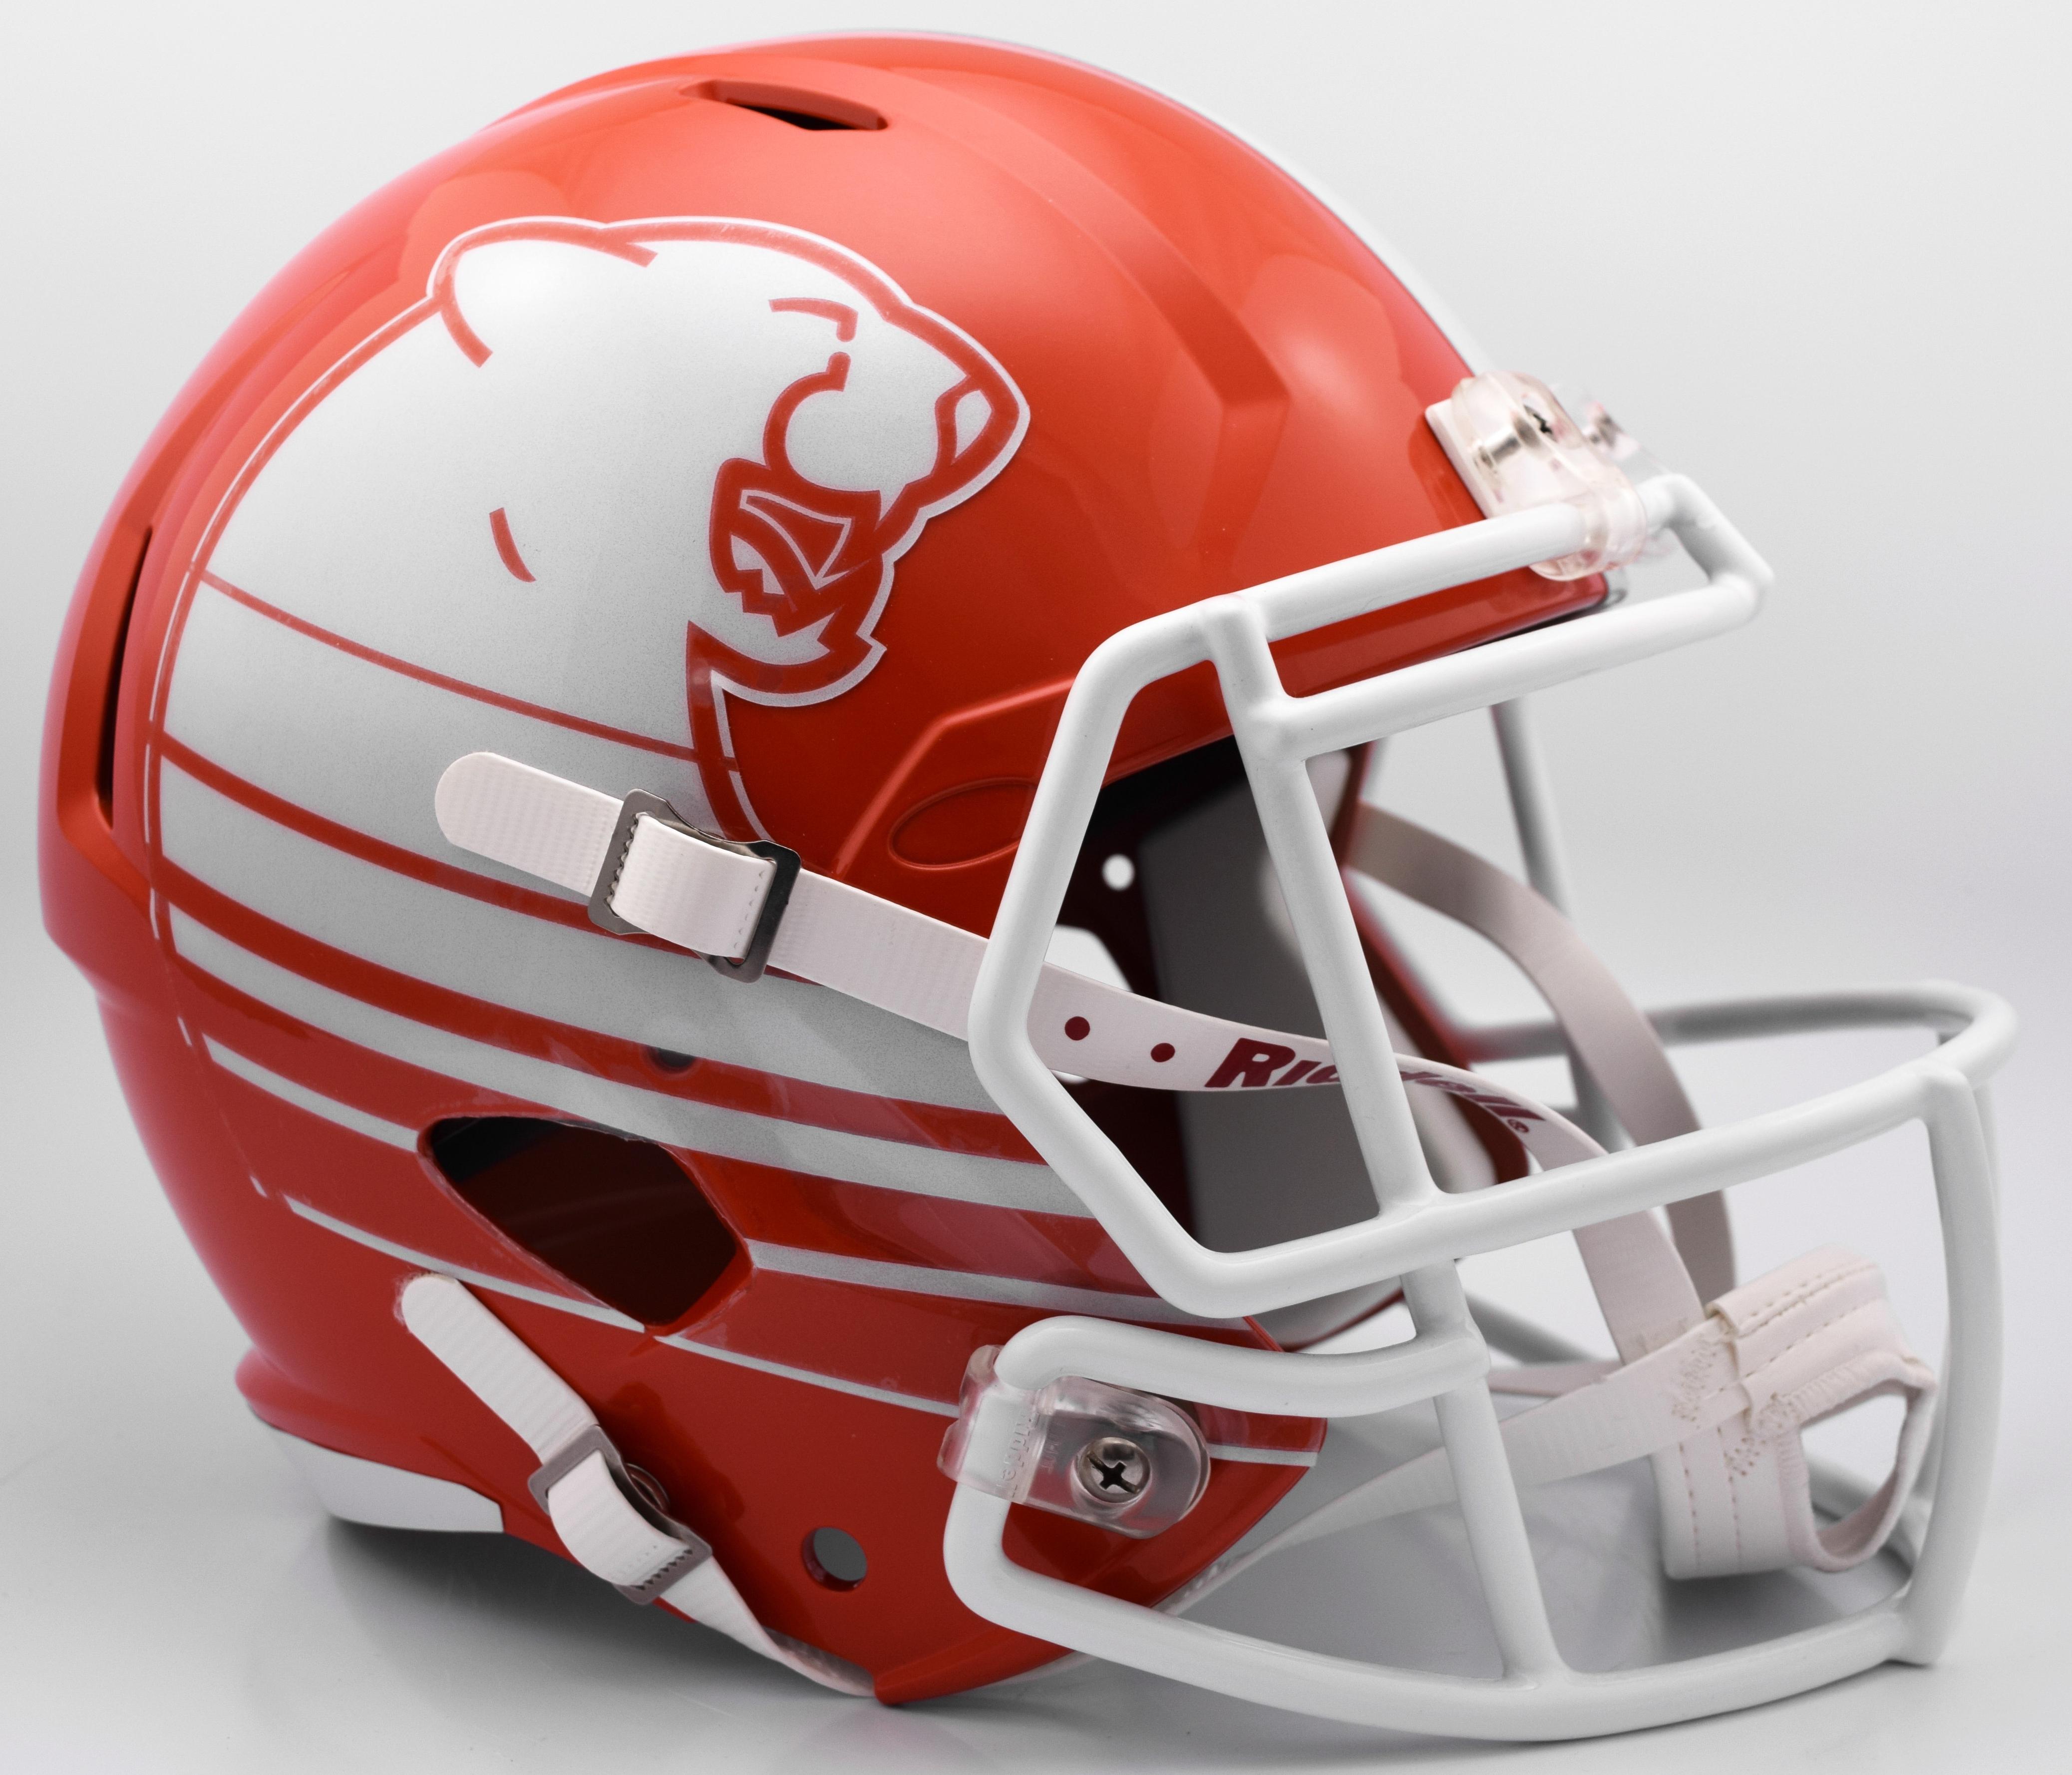 B C Lions Riddell CFL Mini Speed Football Helmet